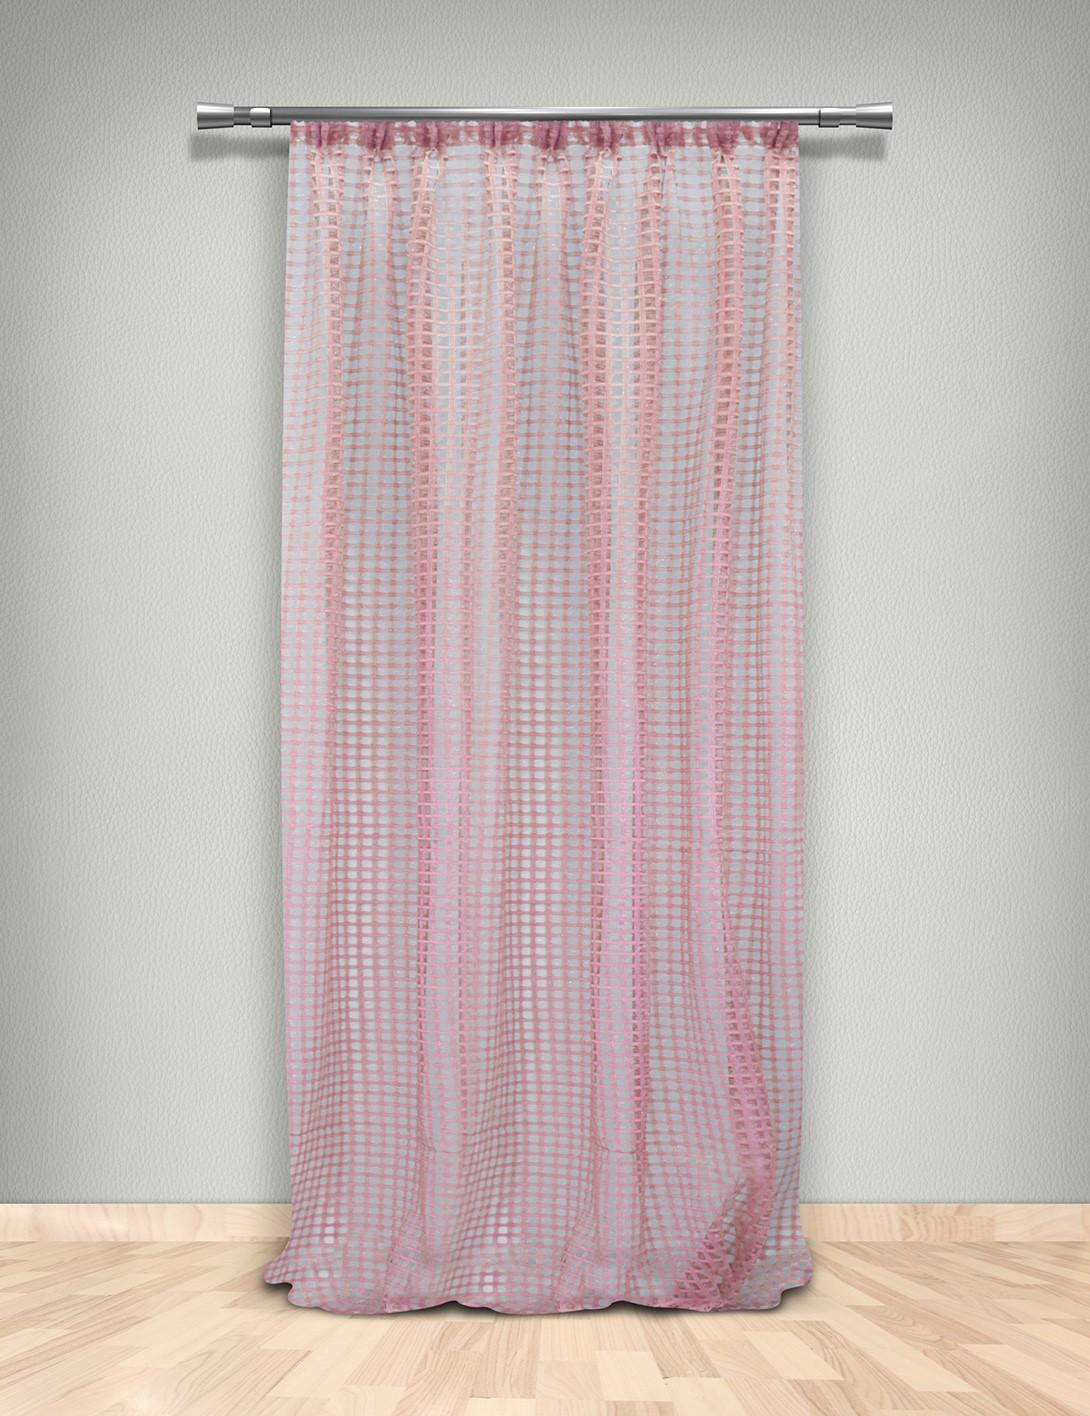 Κουρτίνα Δίχτυ (145x280) Με Τρέσα Maison Blanche 702103806